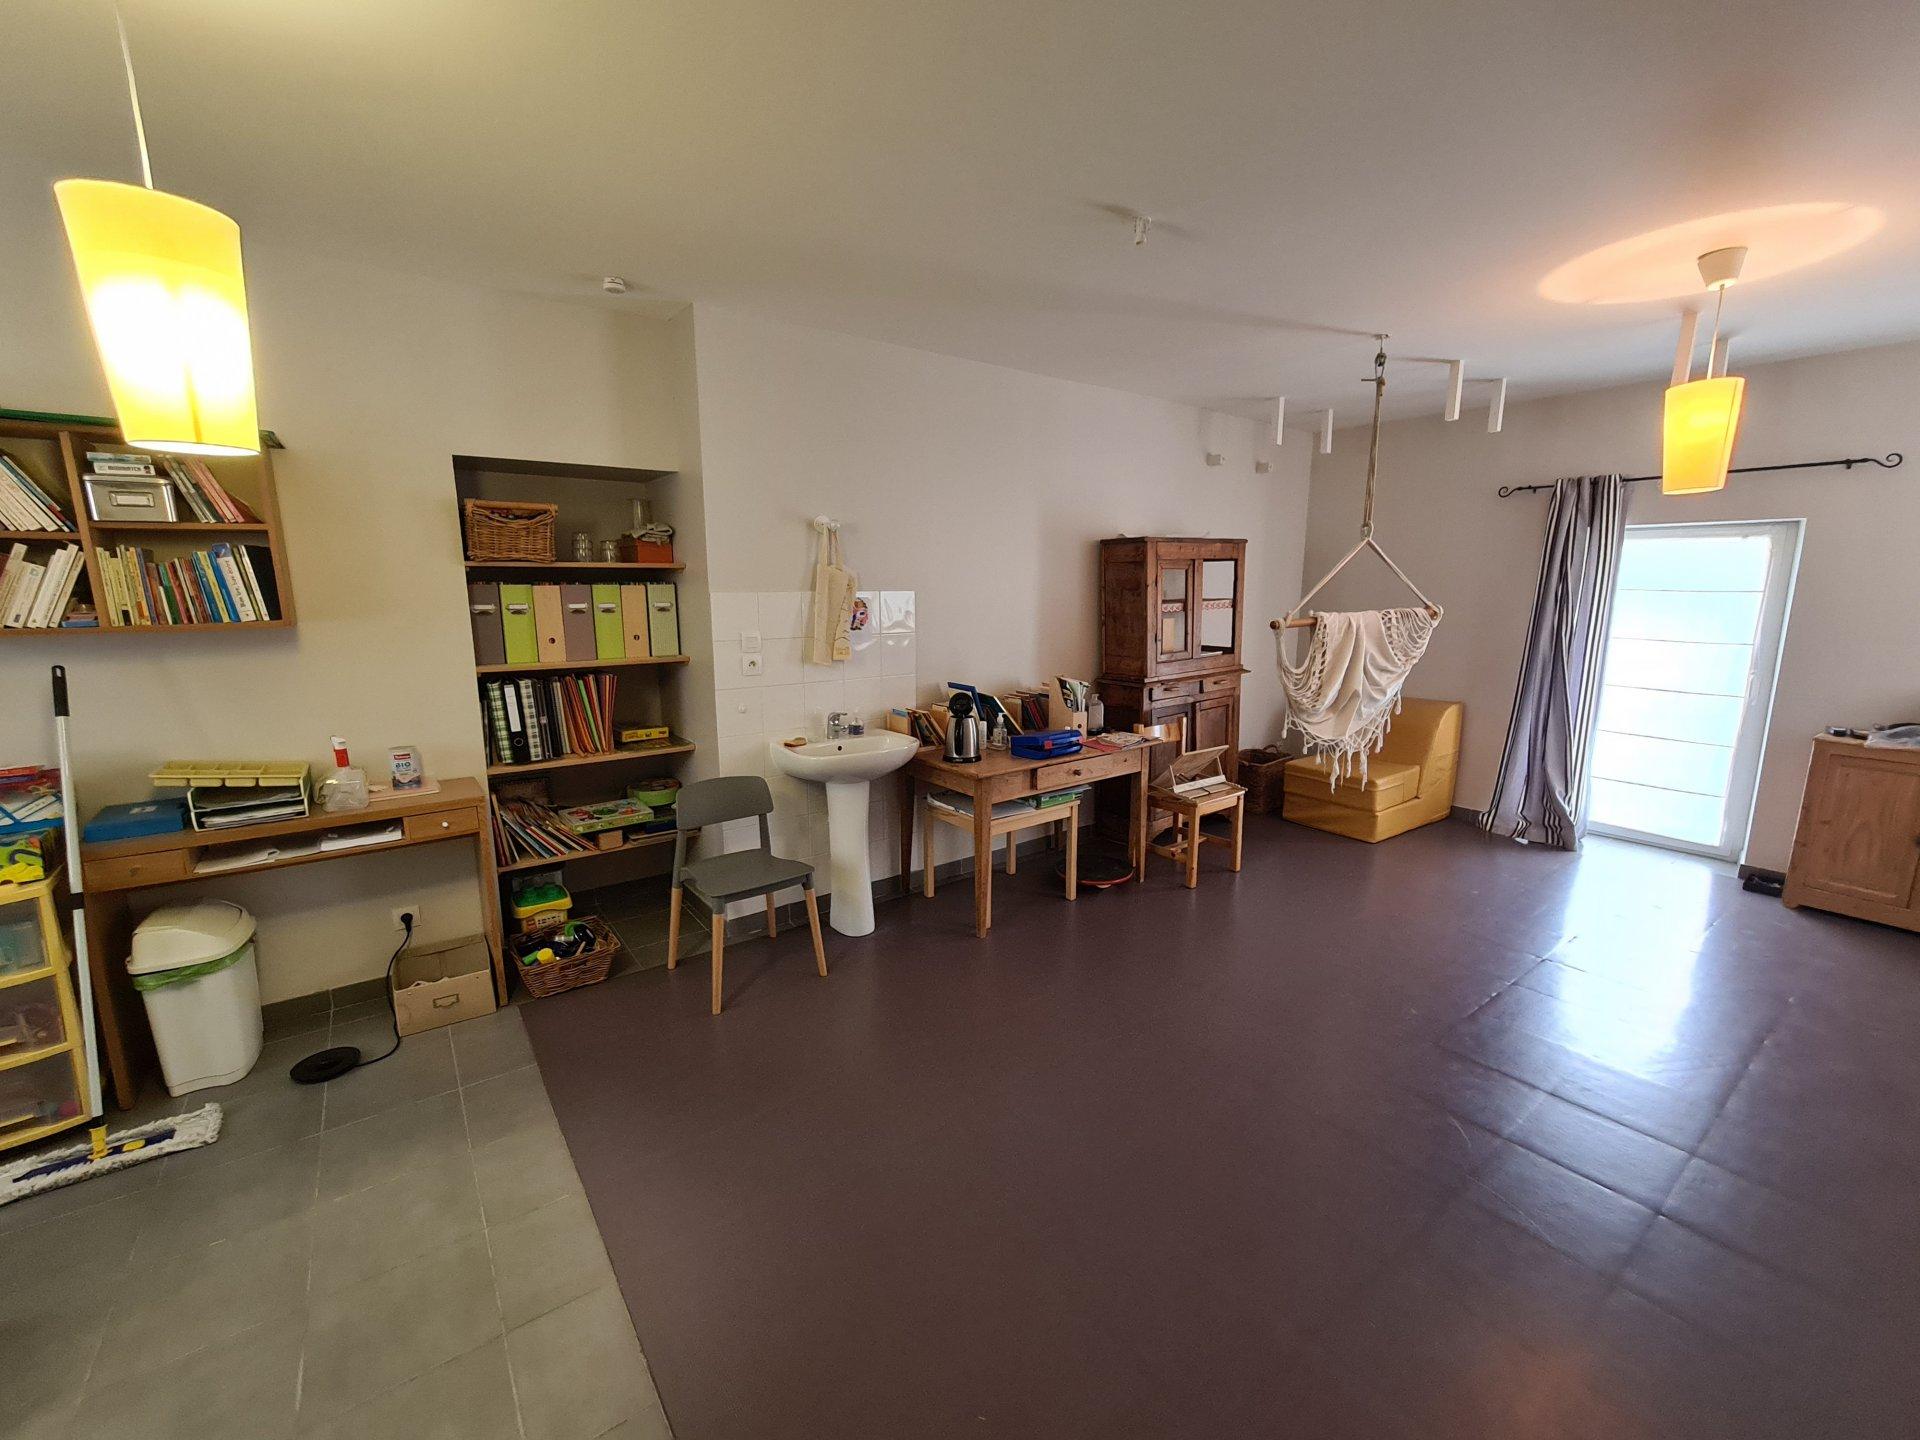 SAINT JEAN DE BOURNAY, Appartement RDJ, T4 de 72m² avec terrasse de 60m²